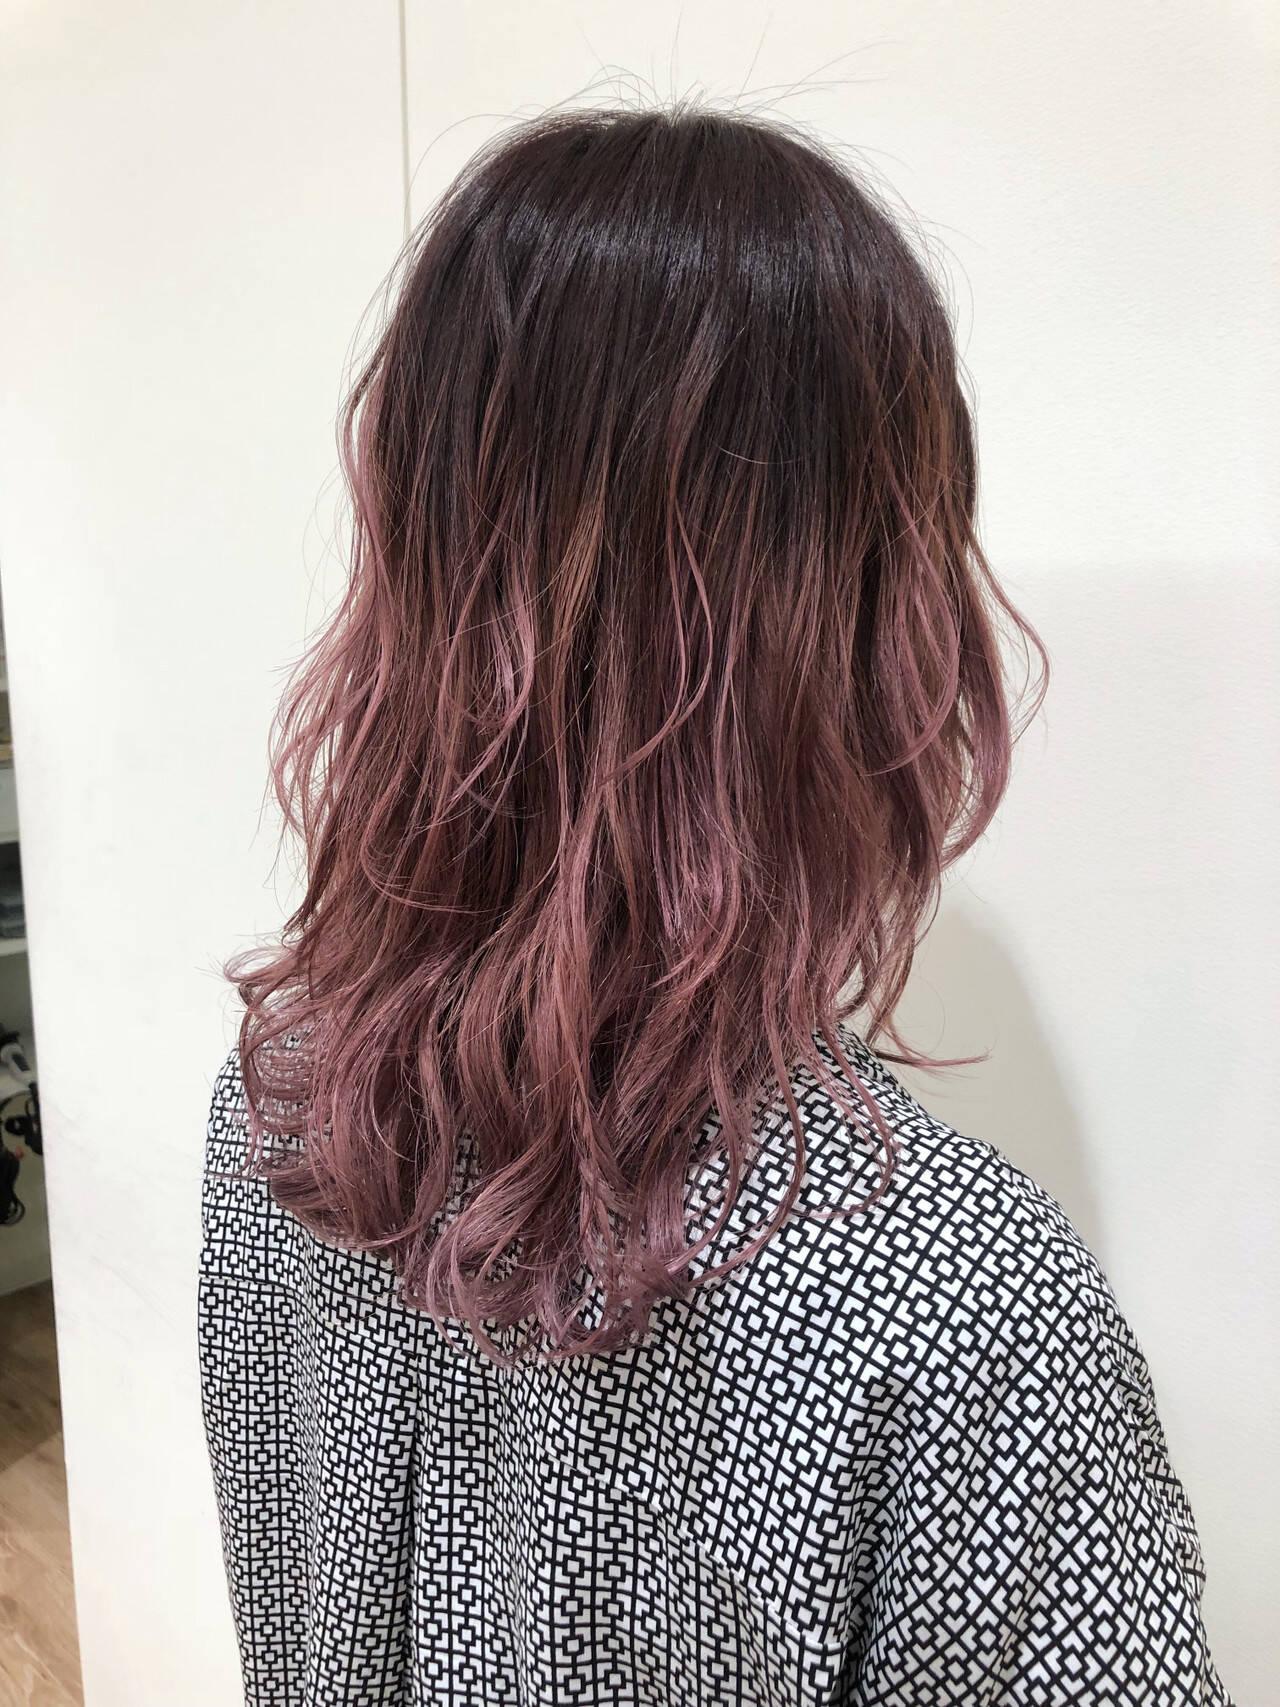 ピンク ブリーチオンカラー 透明感 ブリーチヘアスタイルや髪型の写真・画像